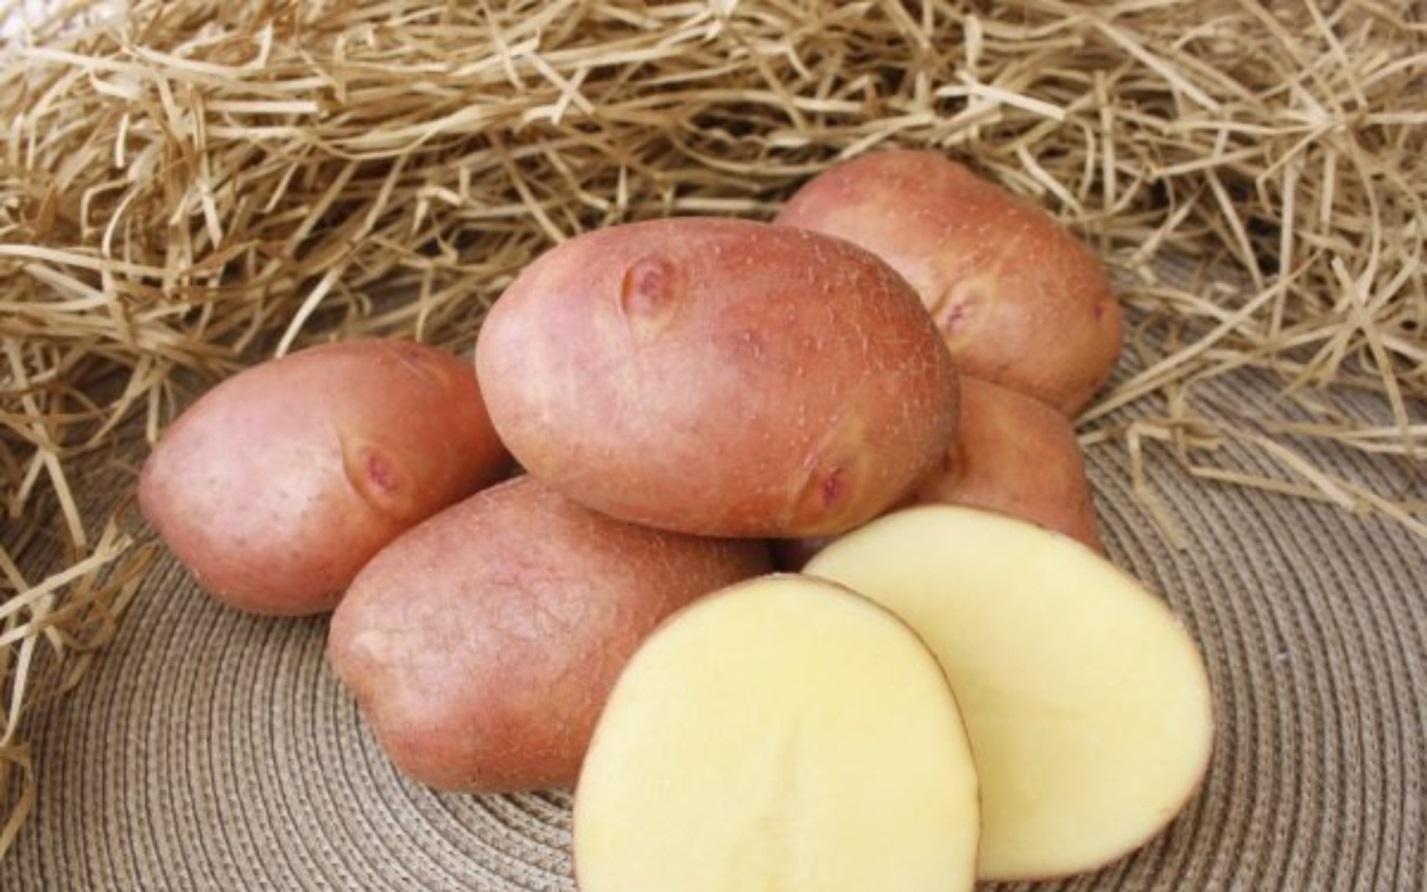 пришли выводу, картофель чугунка описание сорта фото отзывы вор законе попросил